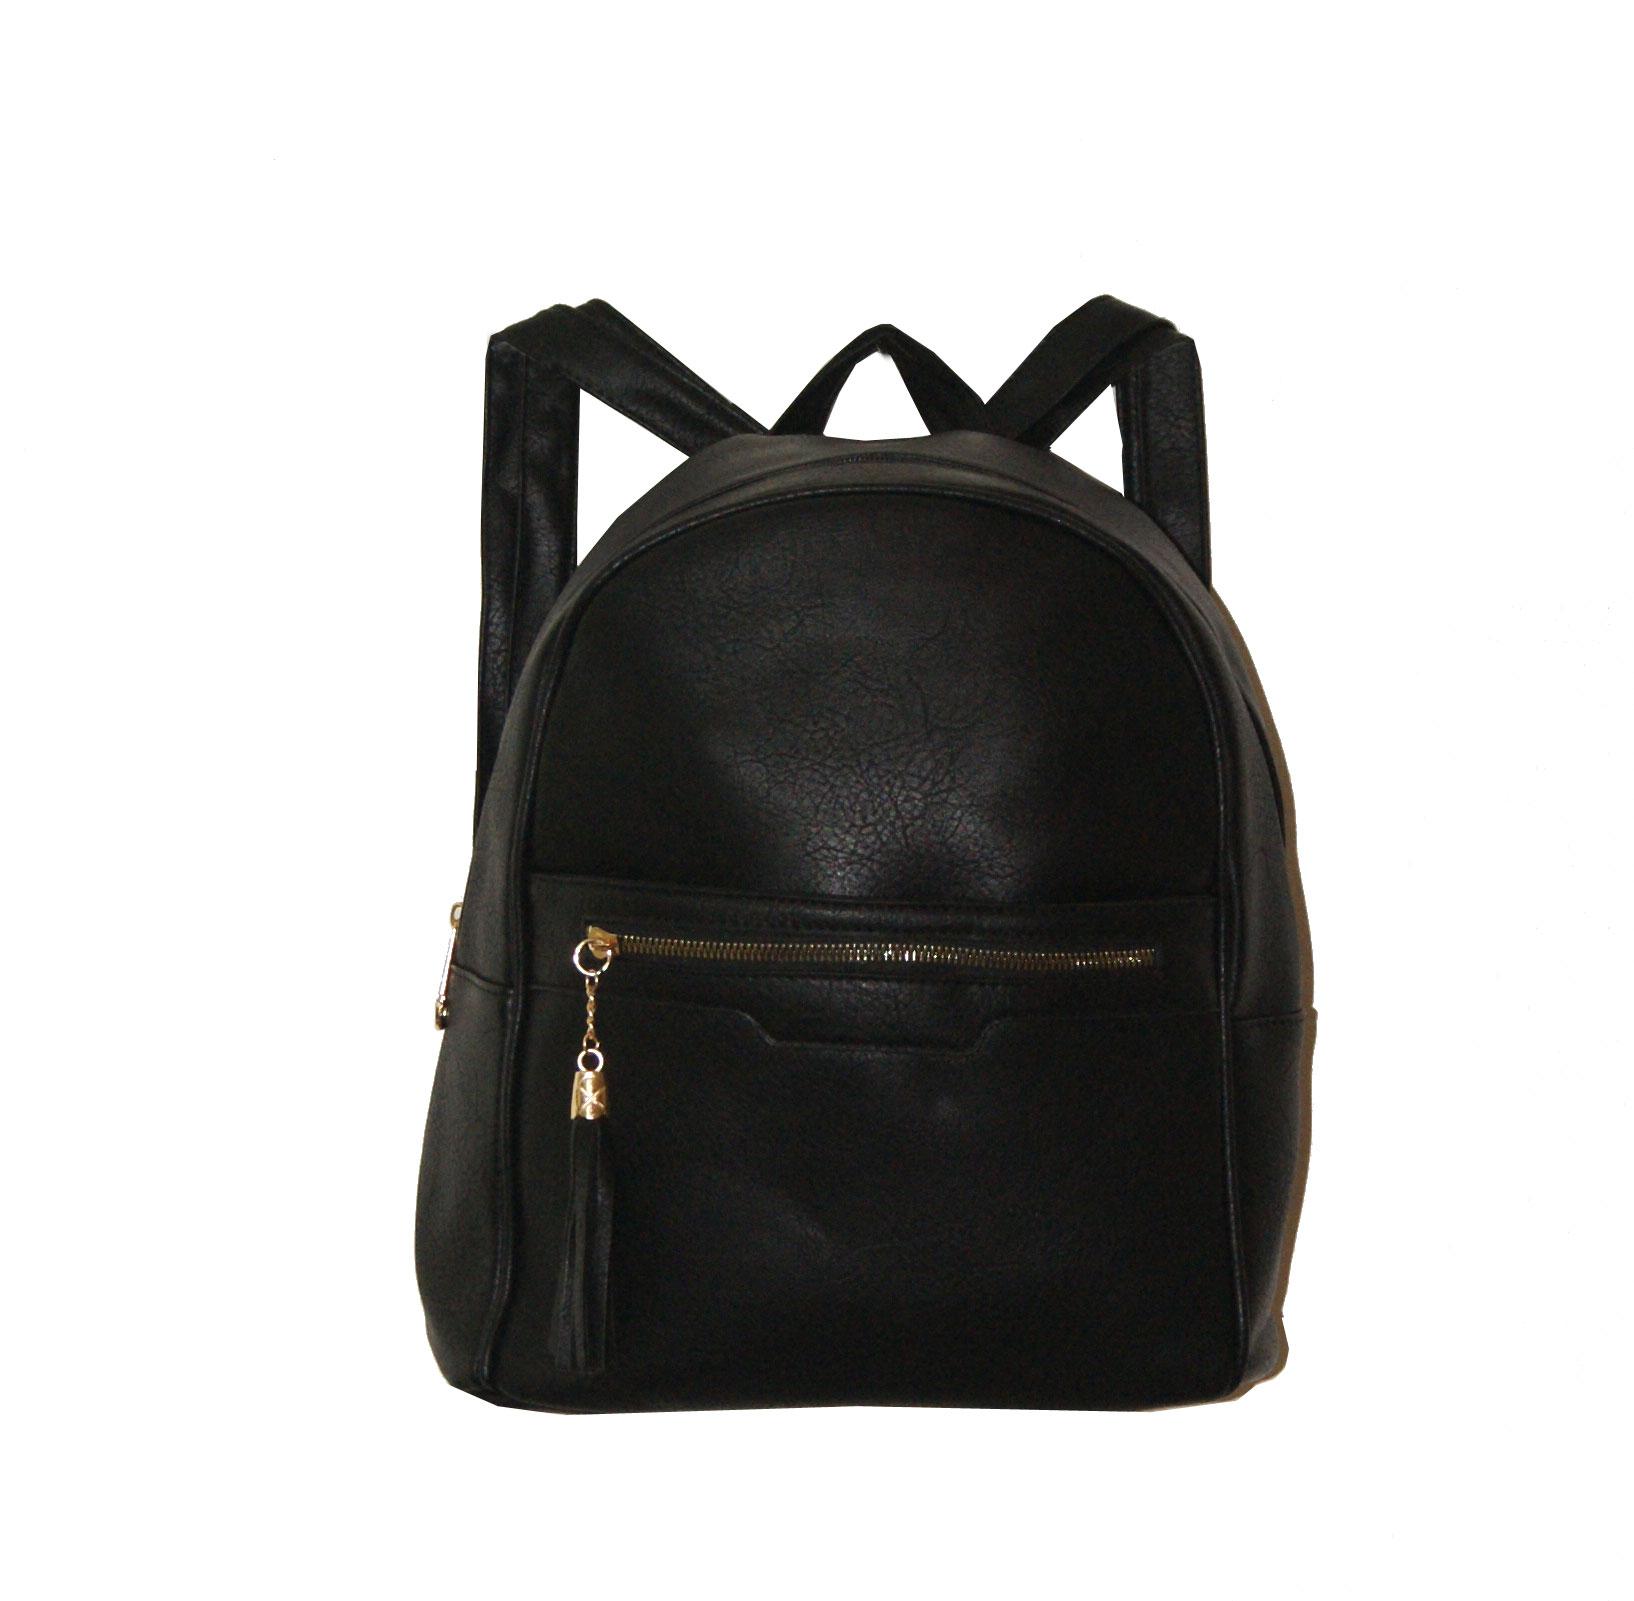 Backpack No 8010 - Μαύρο (Ashley 8010)